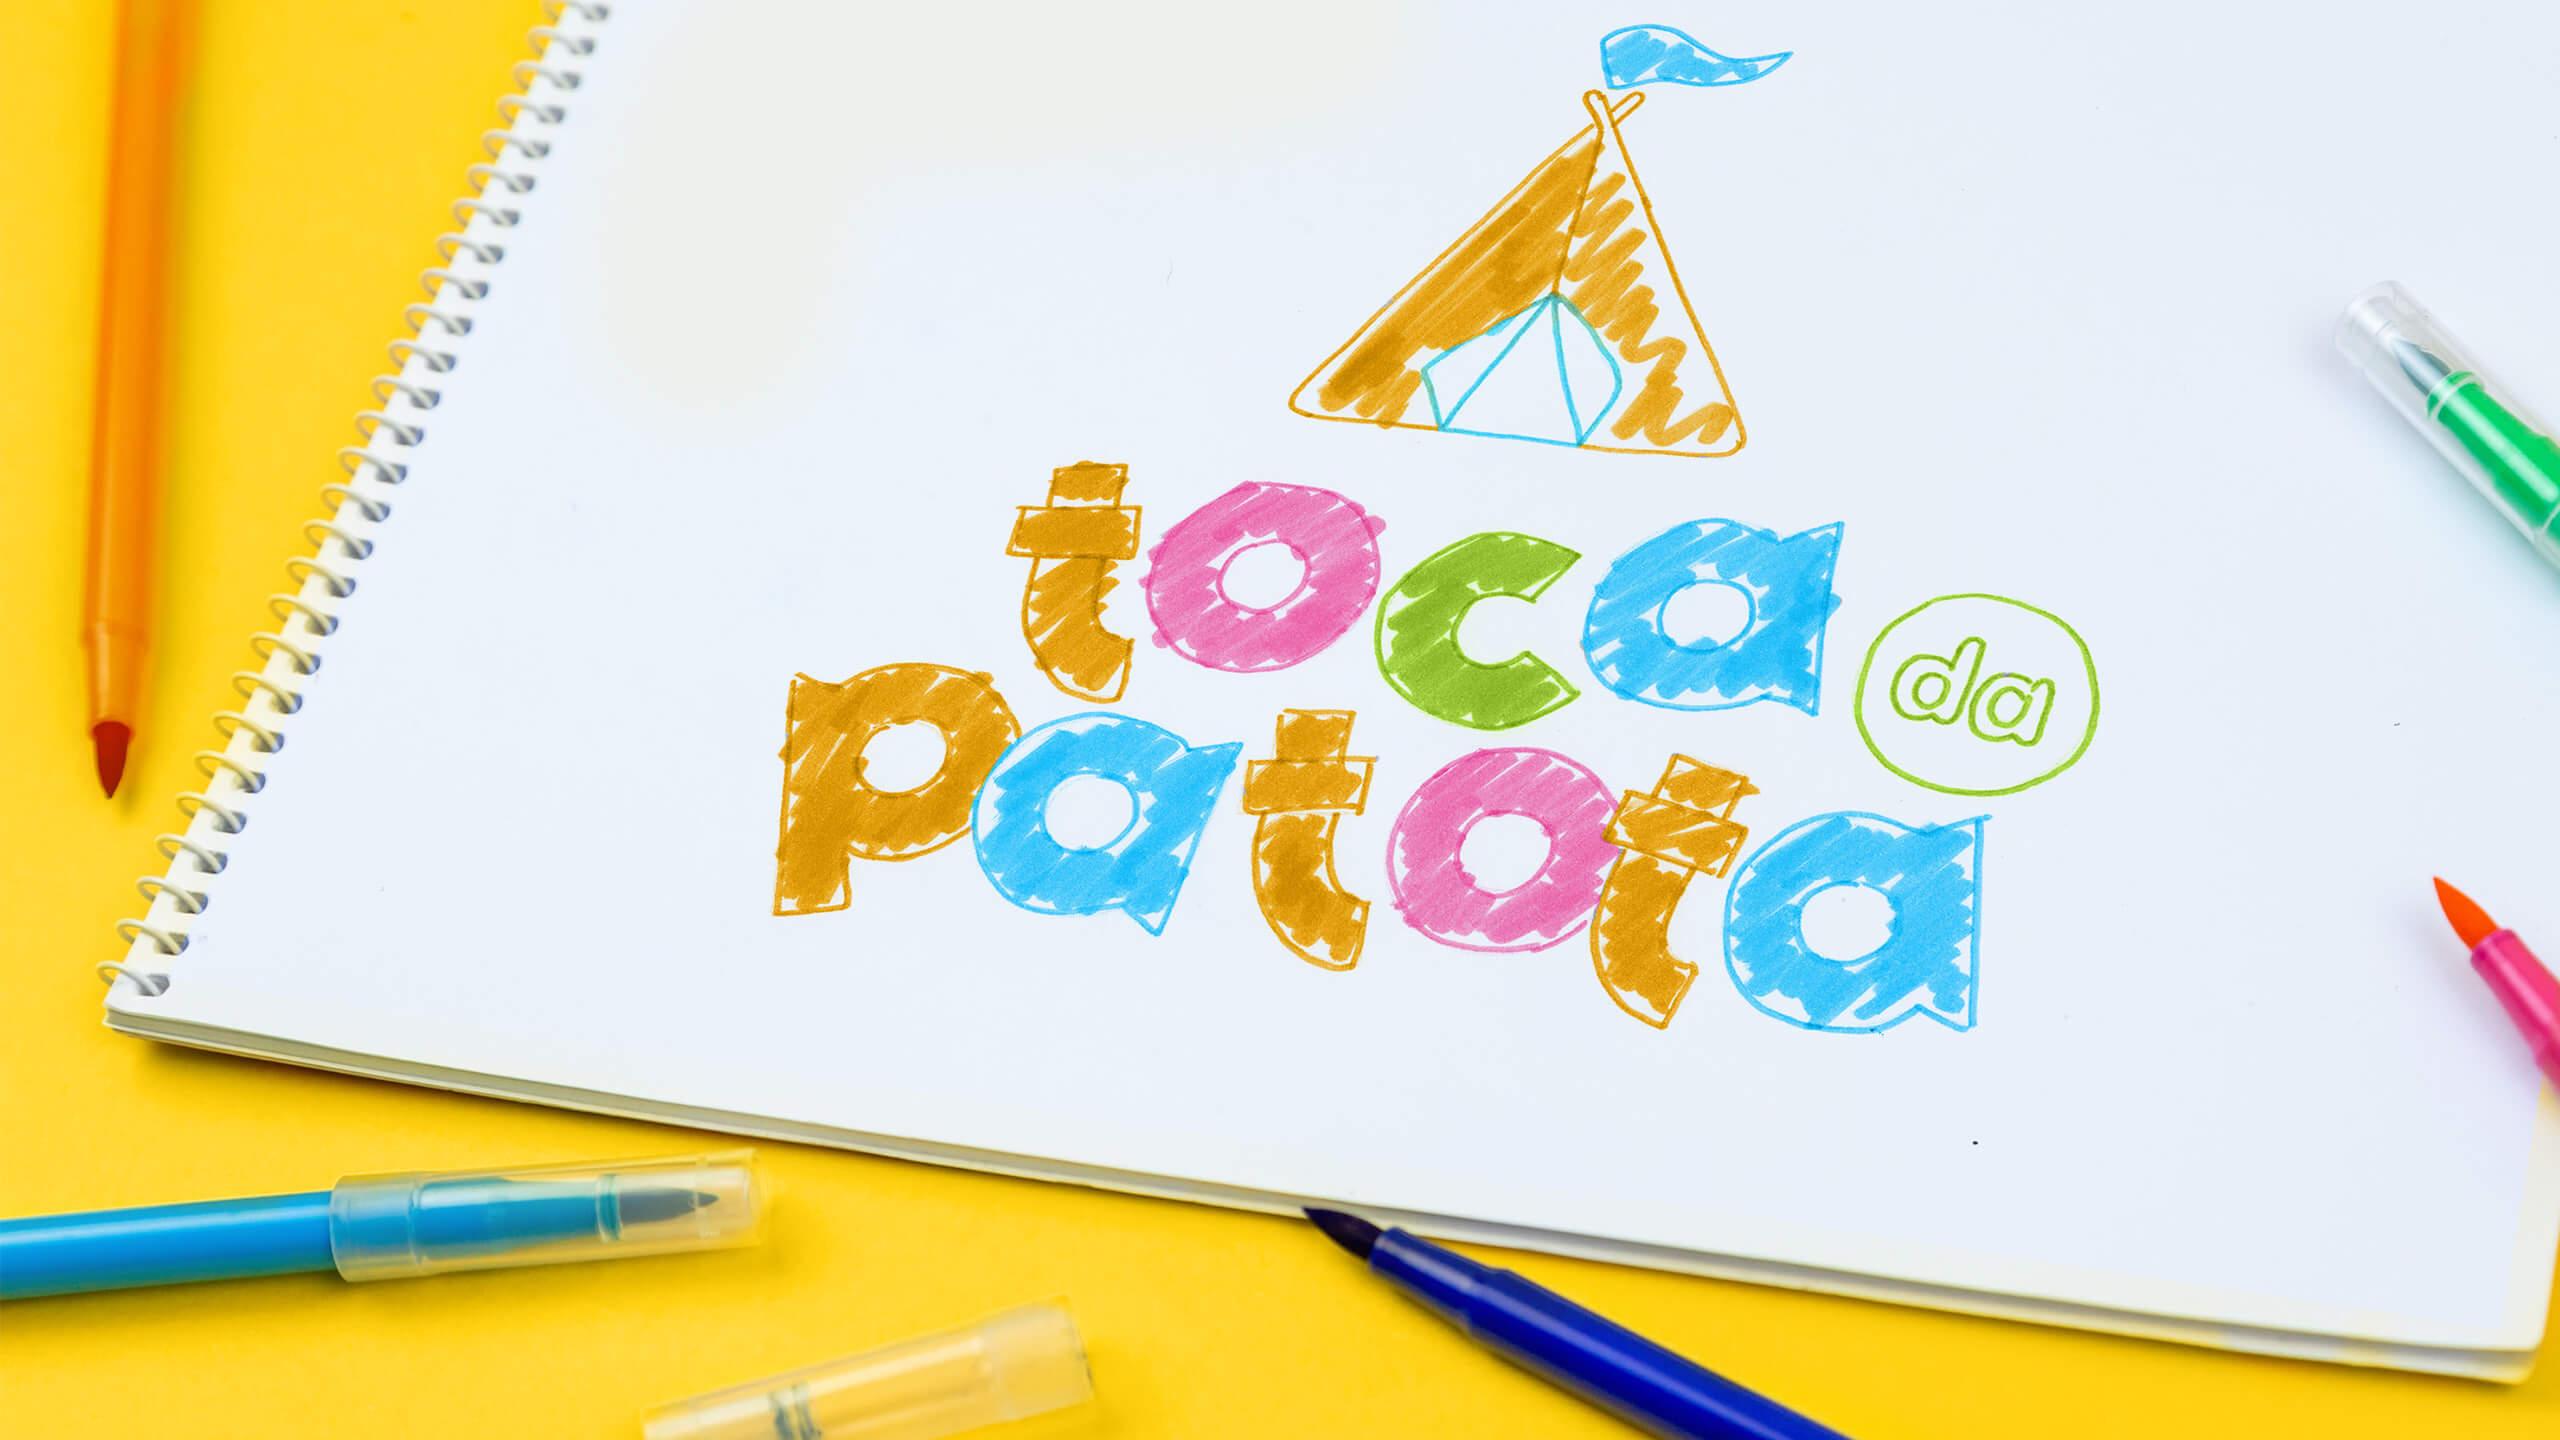 firmorama_toca-da-patota_05